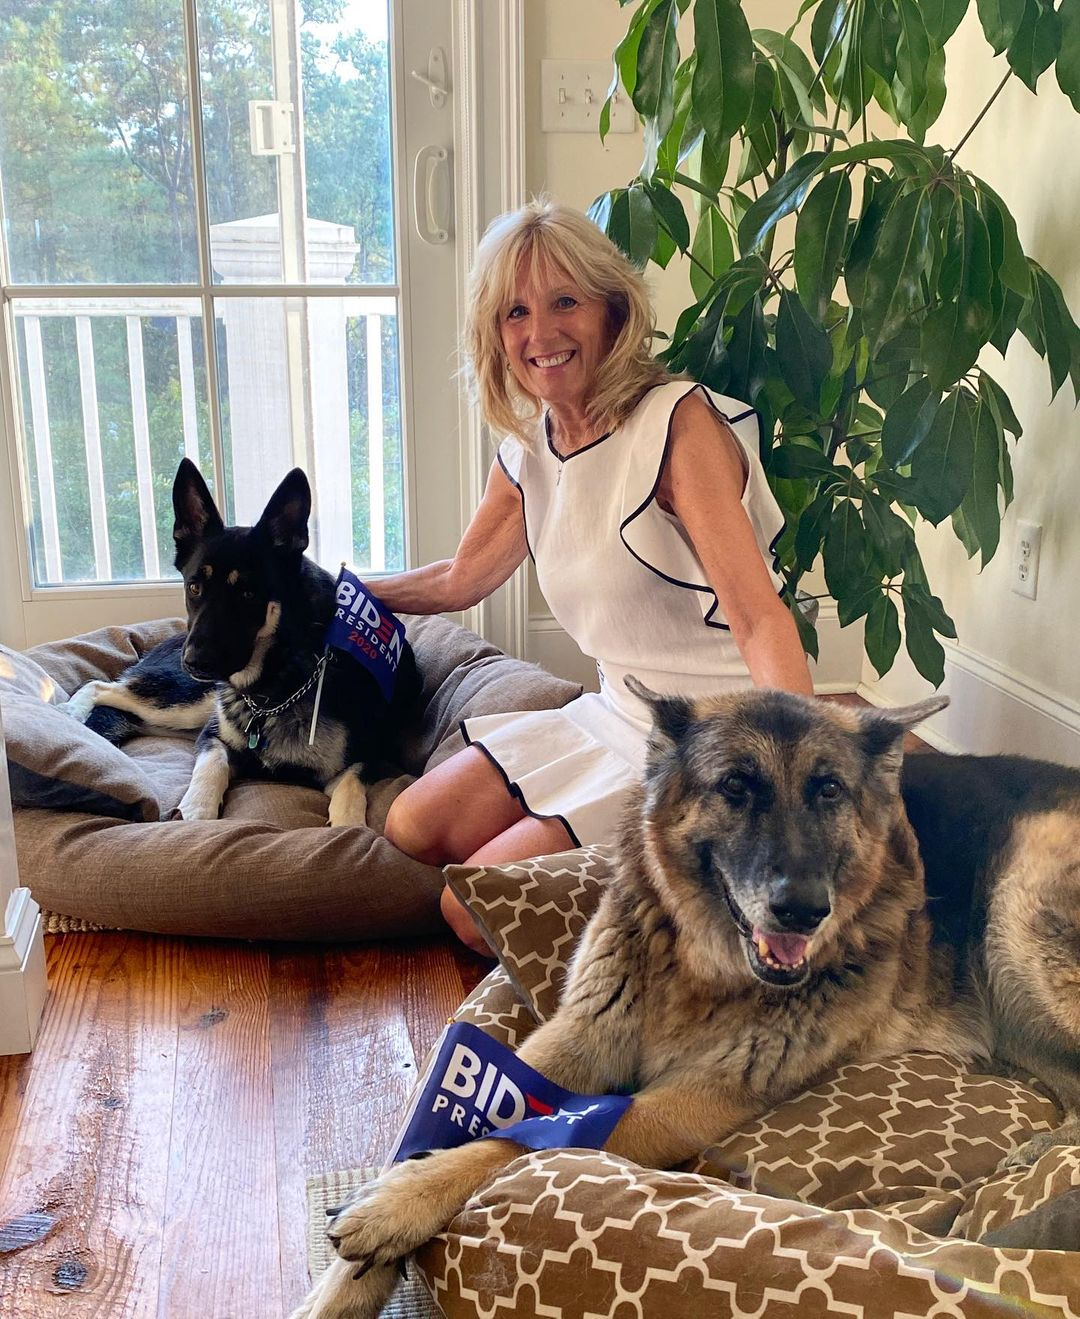 Trumpék helyére beköltözik egy mentett kutya és egy macska is